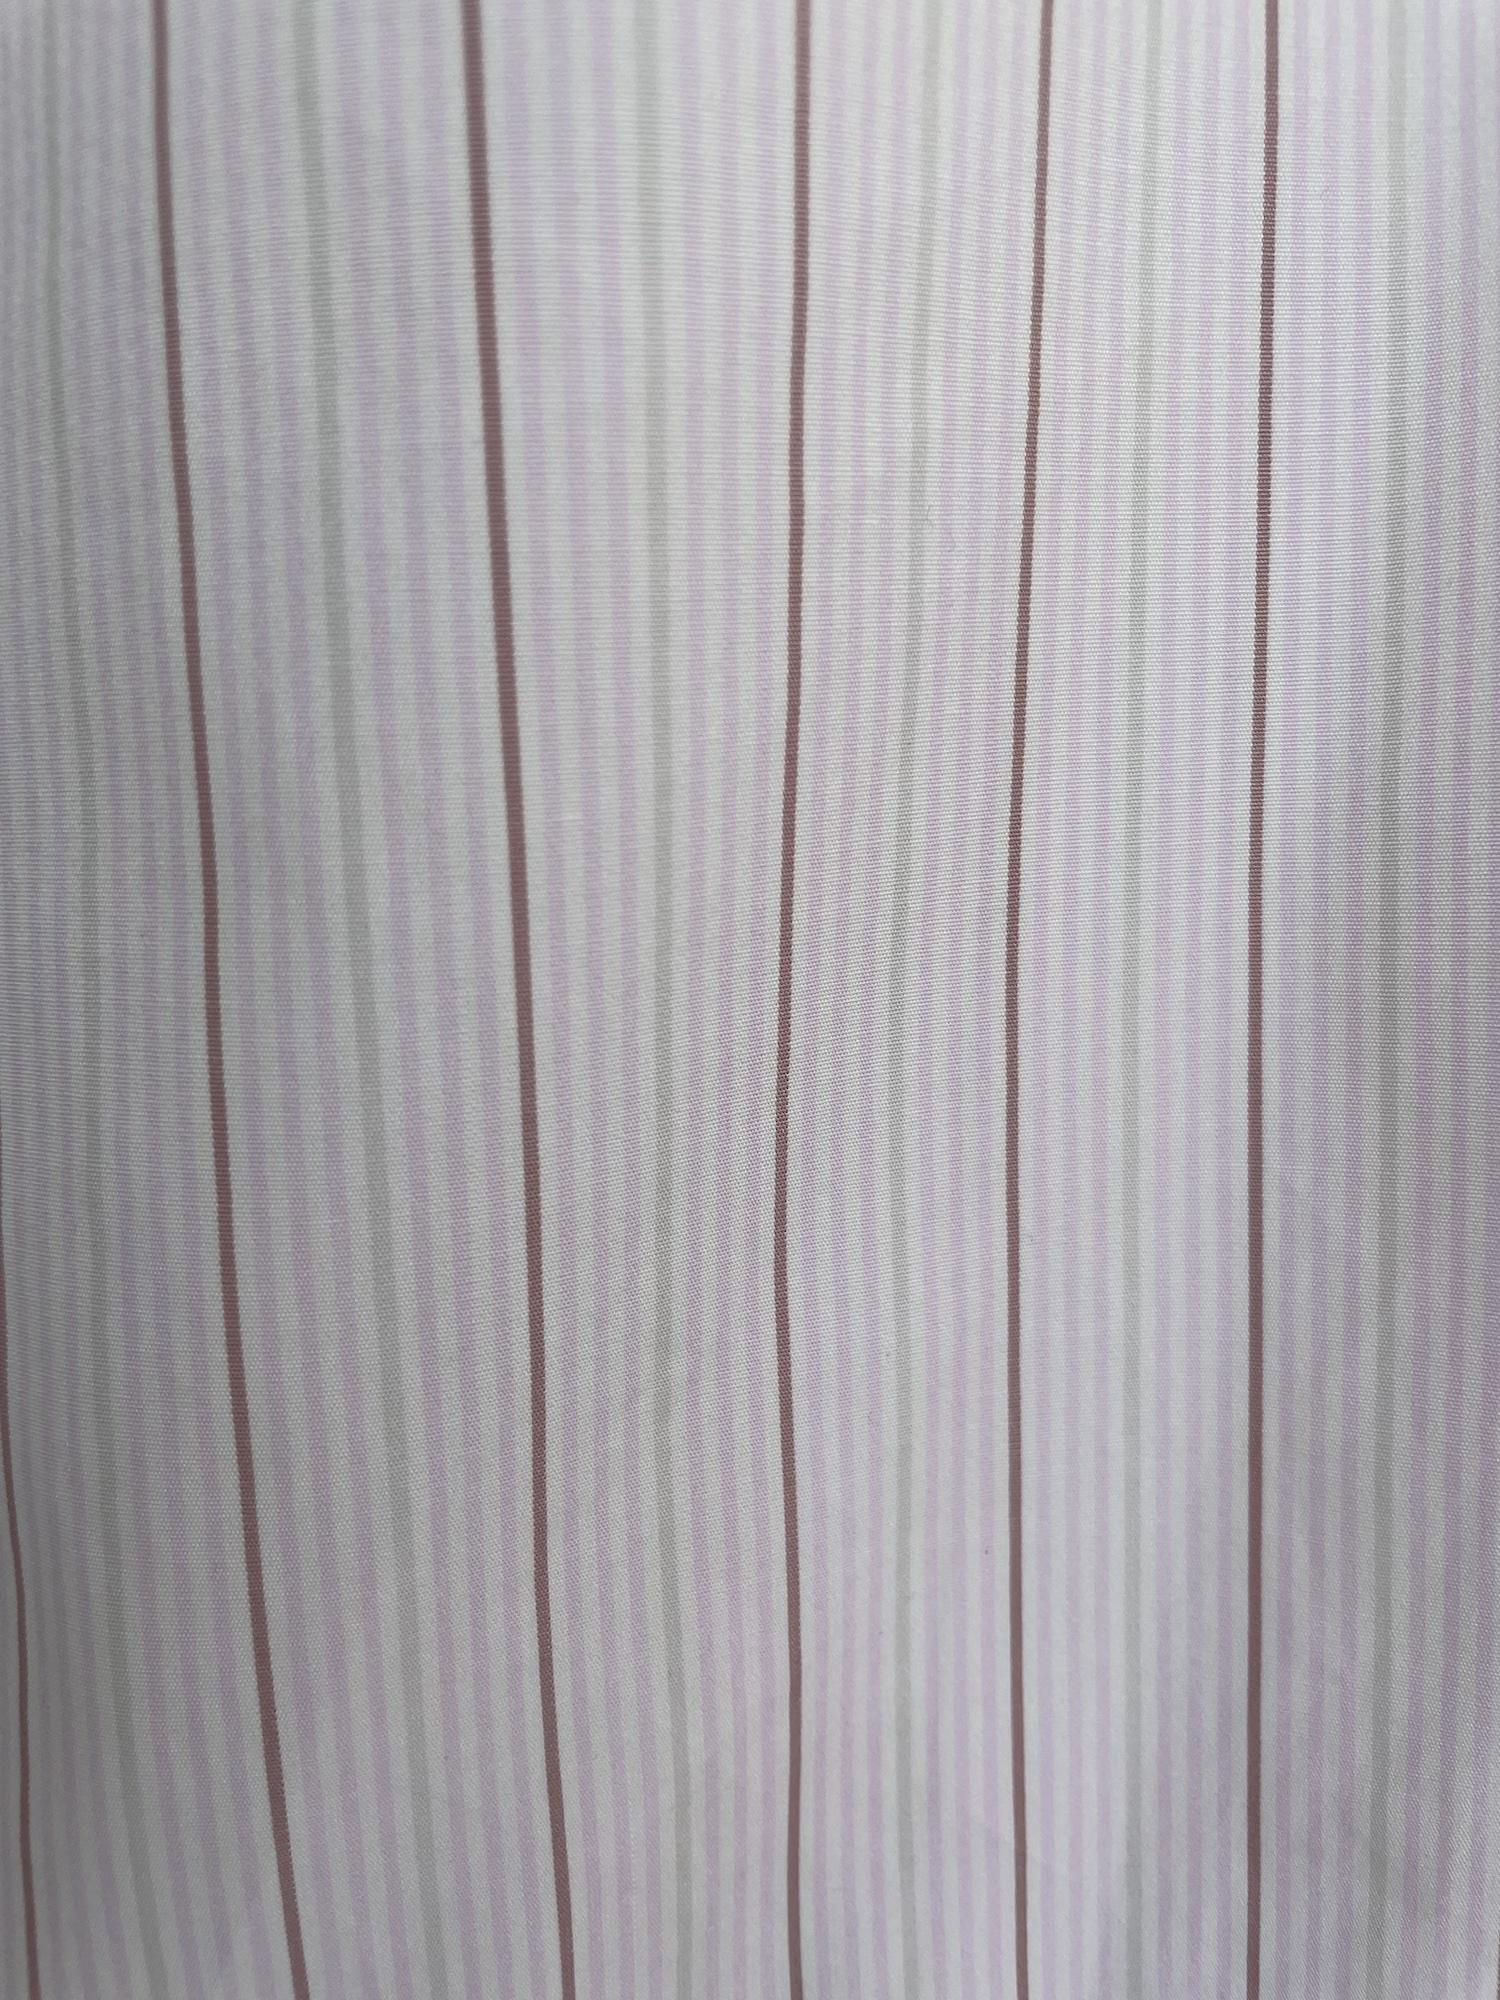 Poplin pants from Italian deadstock fabric by Artikel København, produced in Copenhagen.